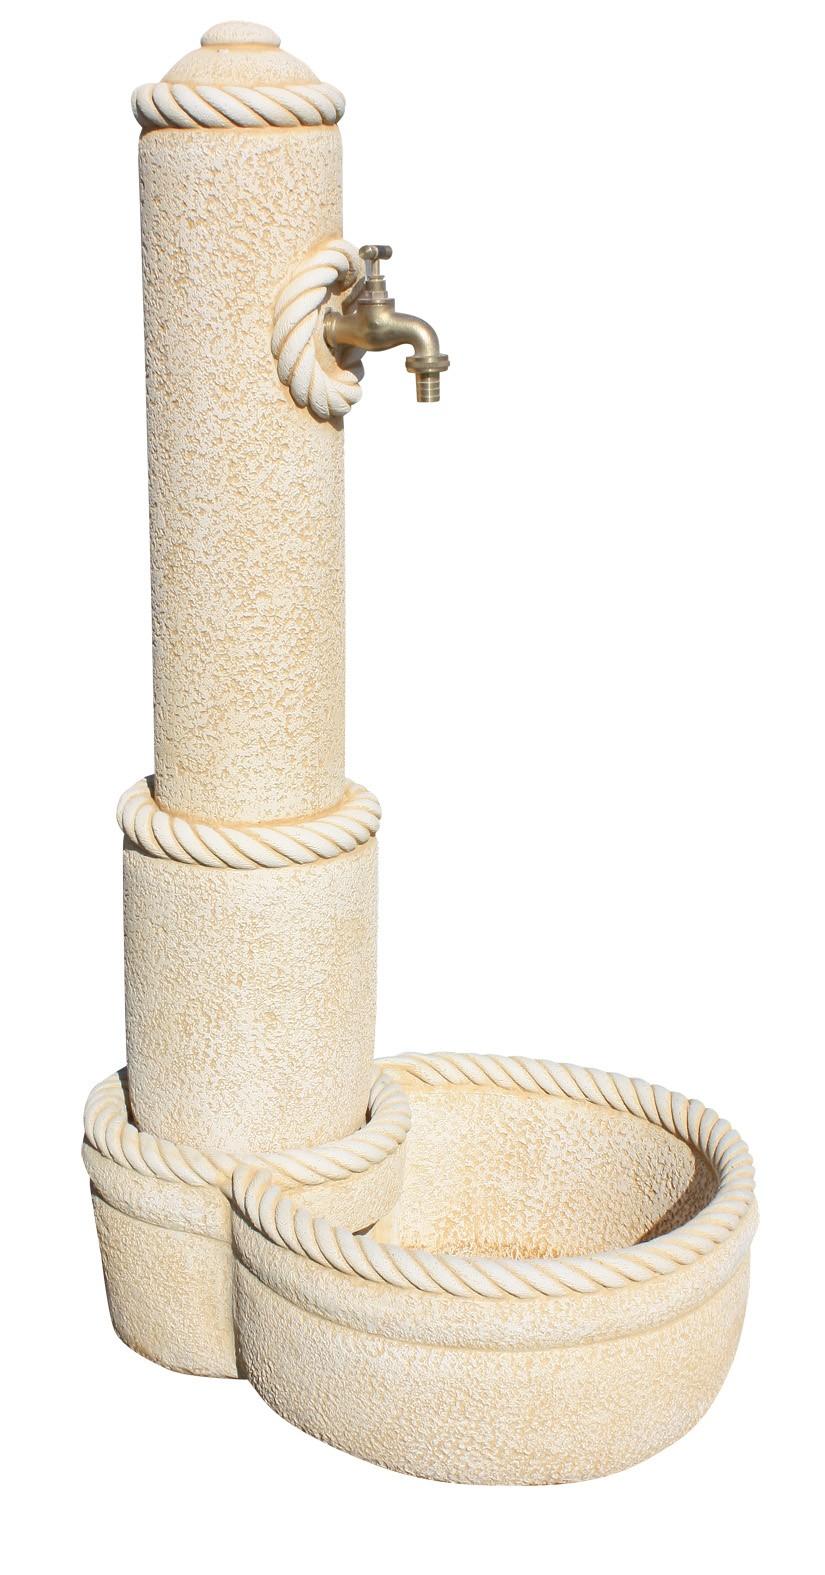 Fuente de pared con grifo para jard n obelisco env o gratis - Fuentes de pared de piedra ...